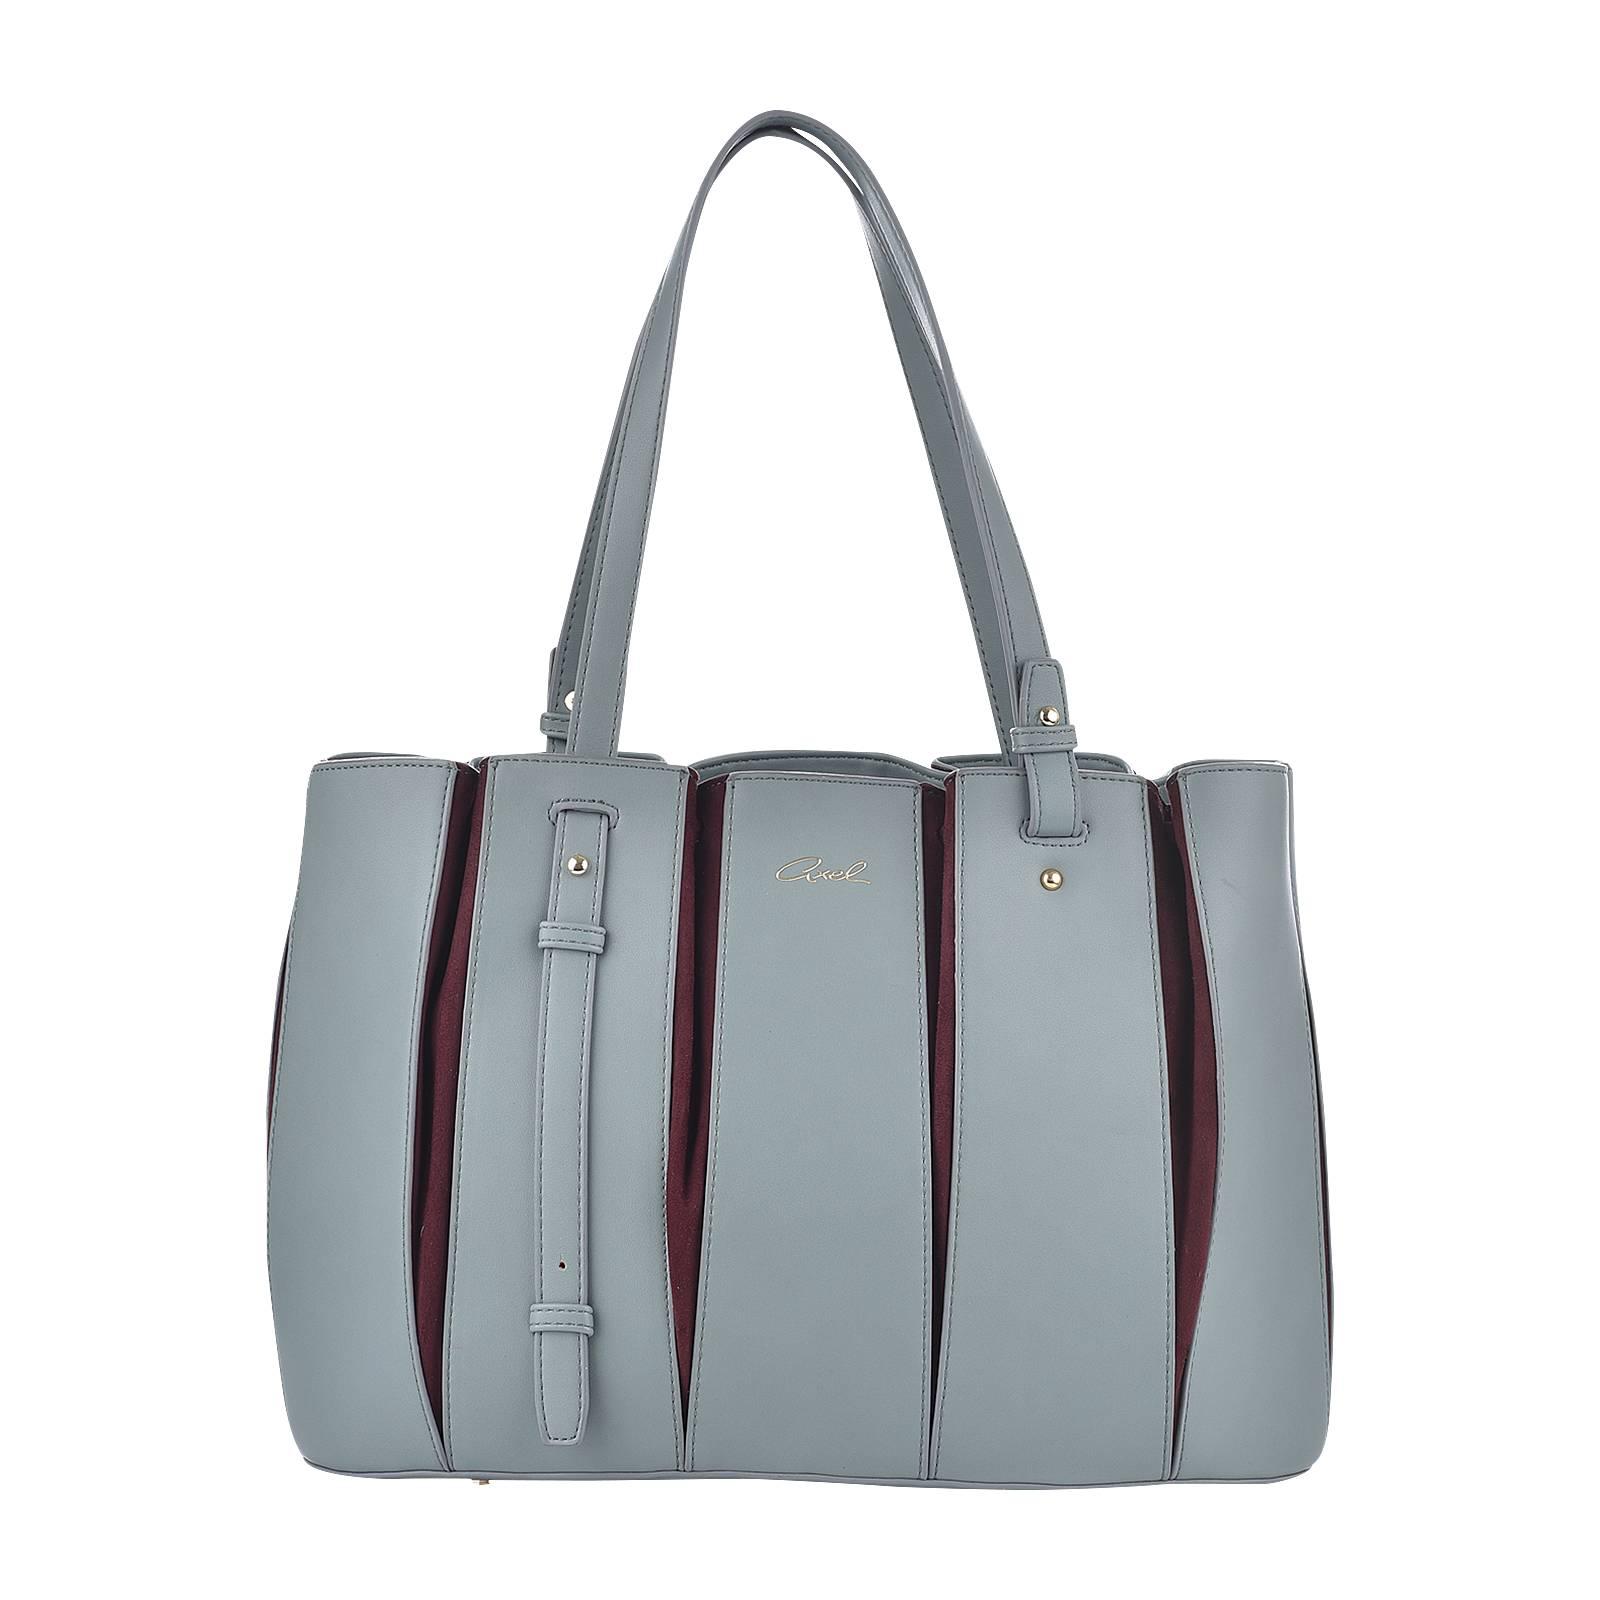 b44fa1987 Rebecca - Γυναικεία τσάντα Axel από δερμα συνθετικο και υφασμα ...